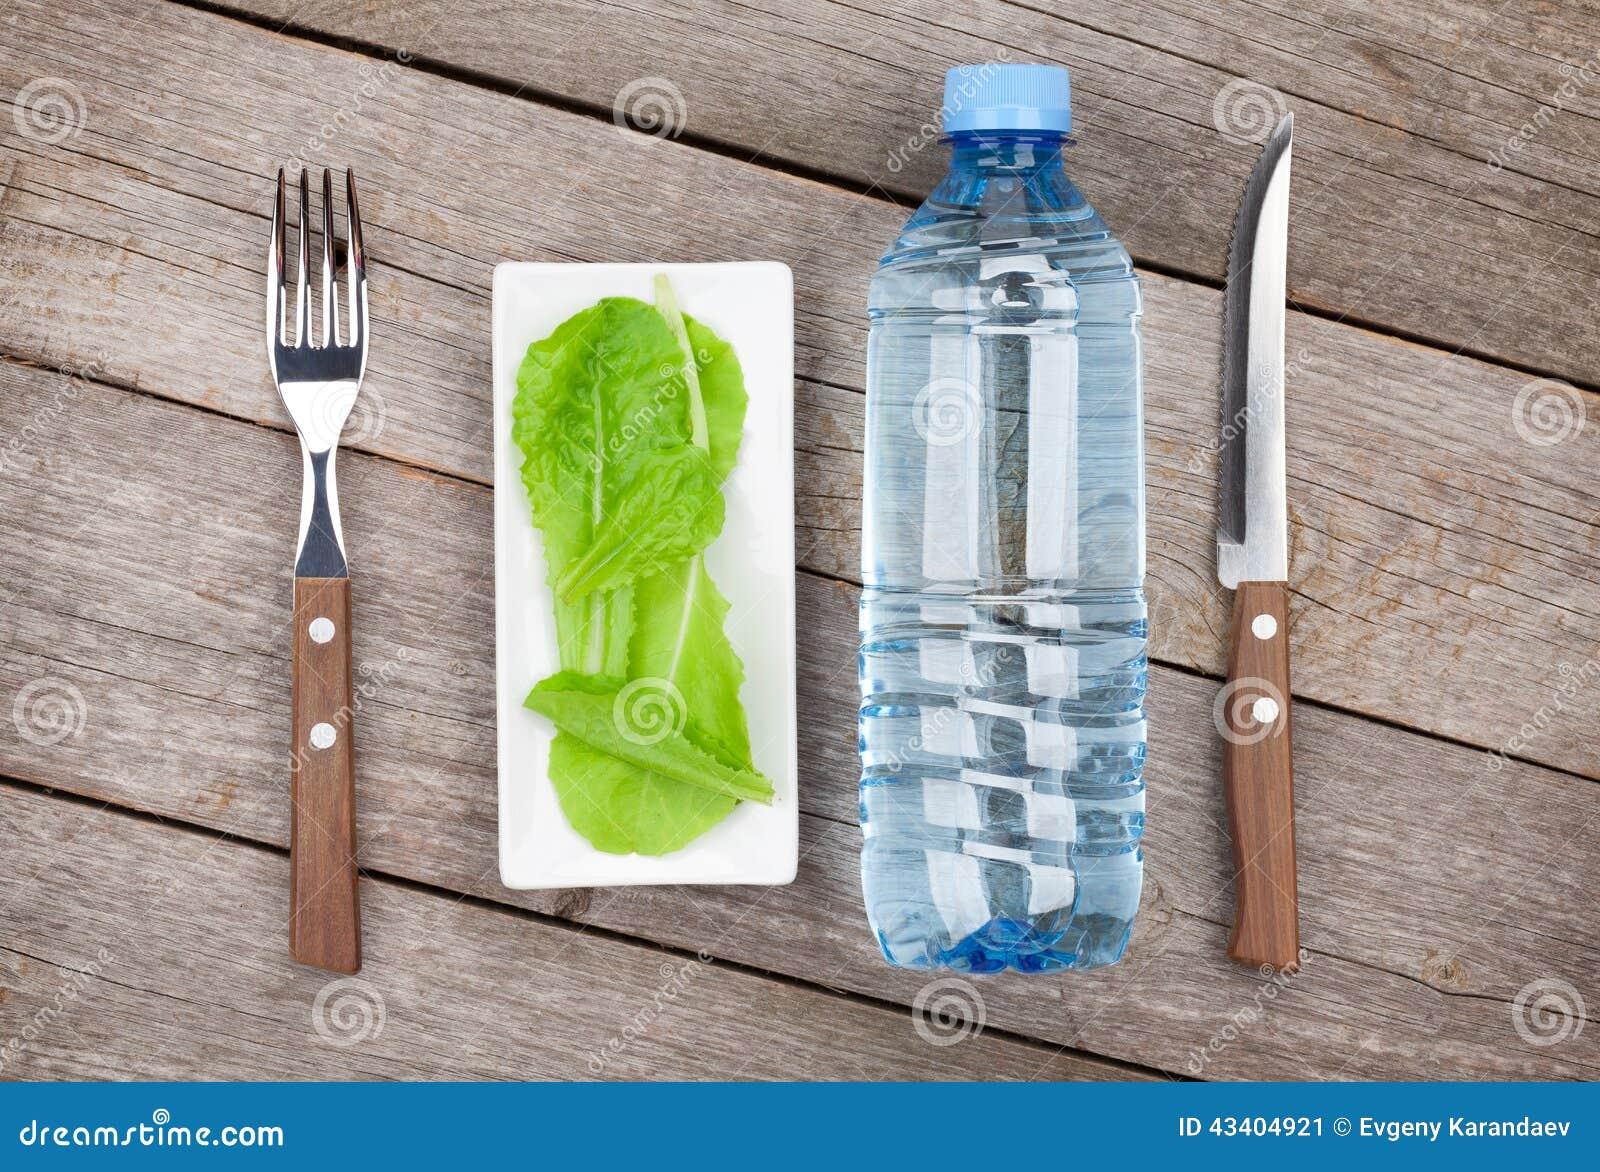 """Résultat de recherche d'images pour """"photo salade et eau"""""""